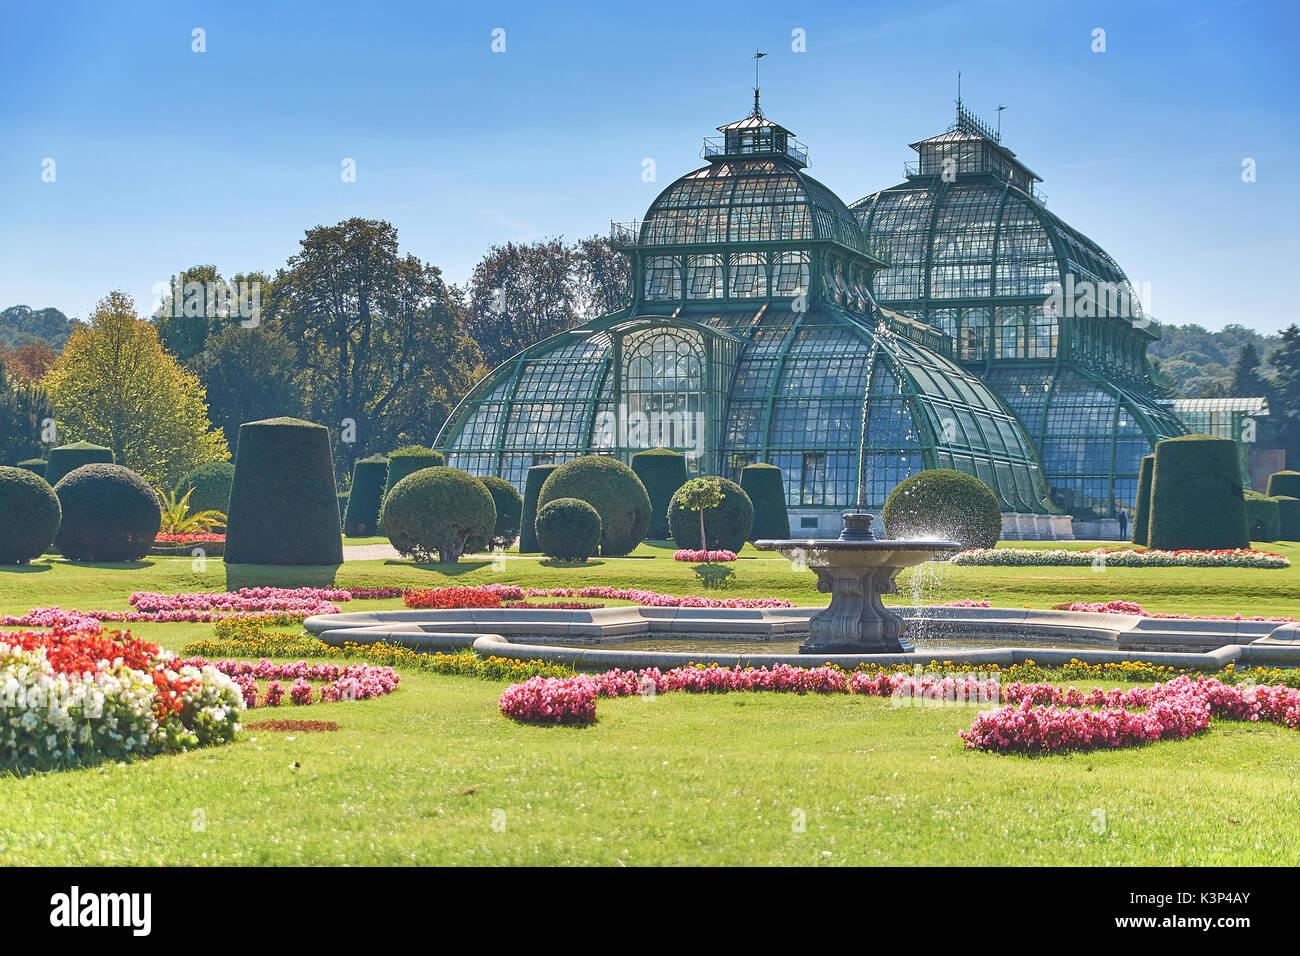 Vienne, Autriche - 24 septembre 2014: jardin botanique, à proximité du palais Schönbrunn à Vienne Photo Stock